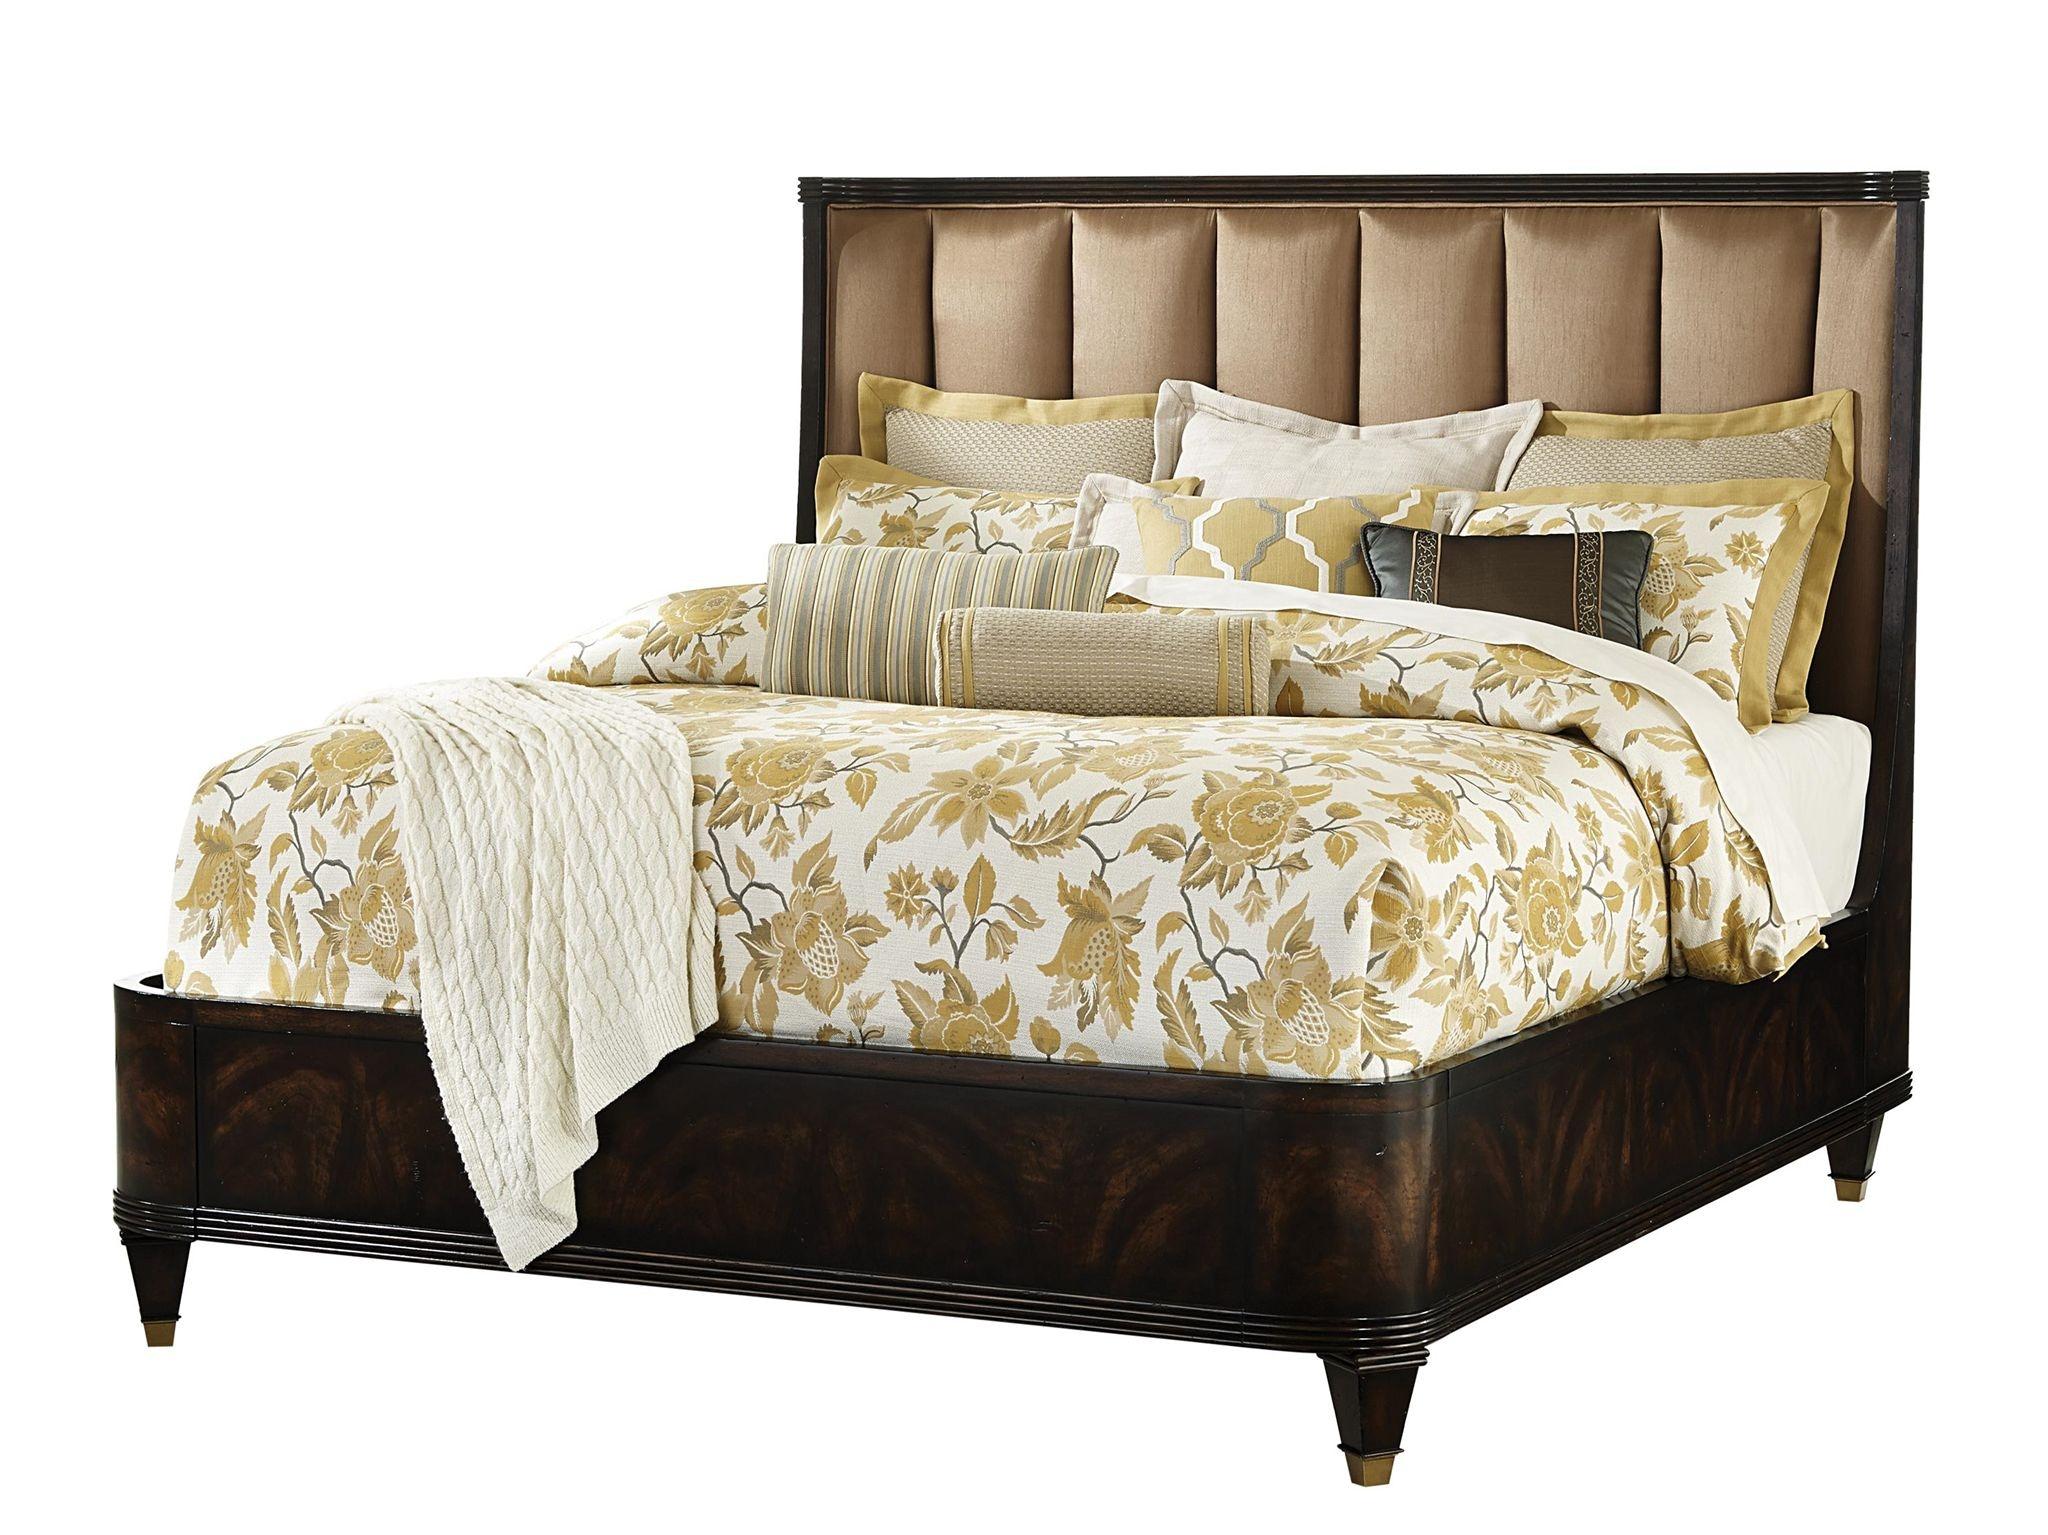 Fine Furniture Design Bedroom Stephens Upholstered King Bed 1426 467